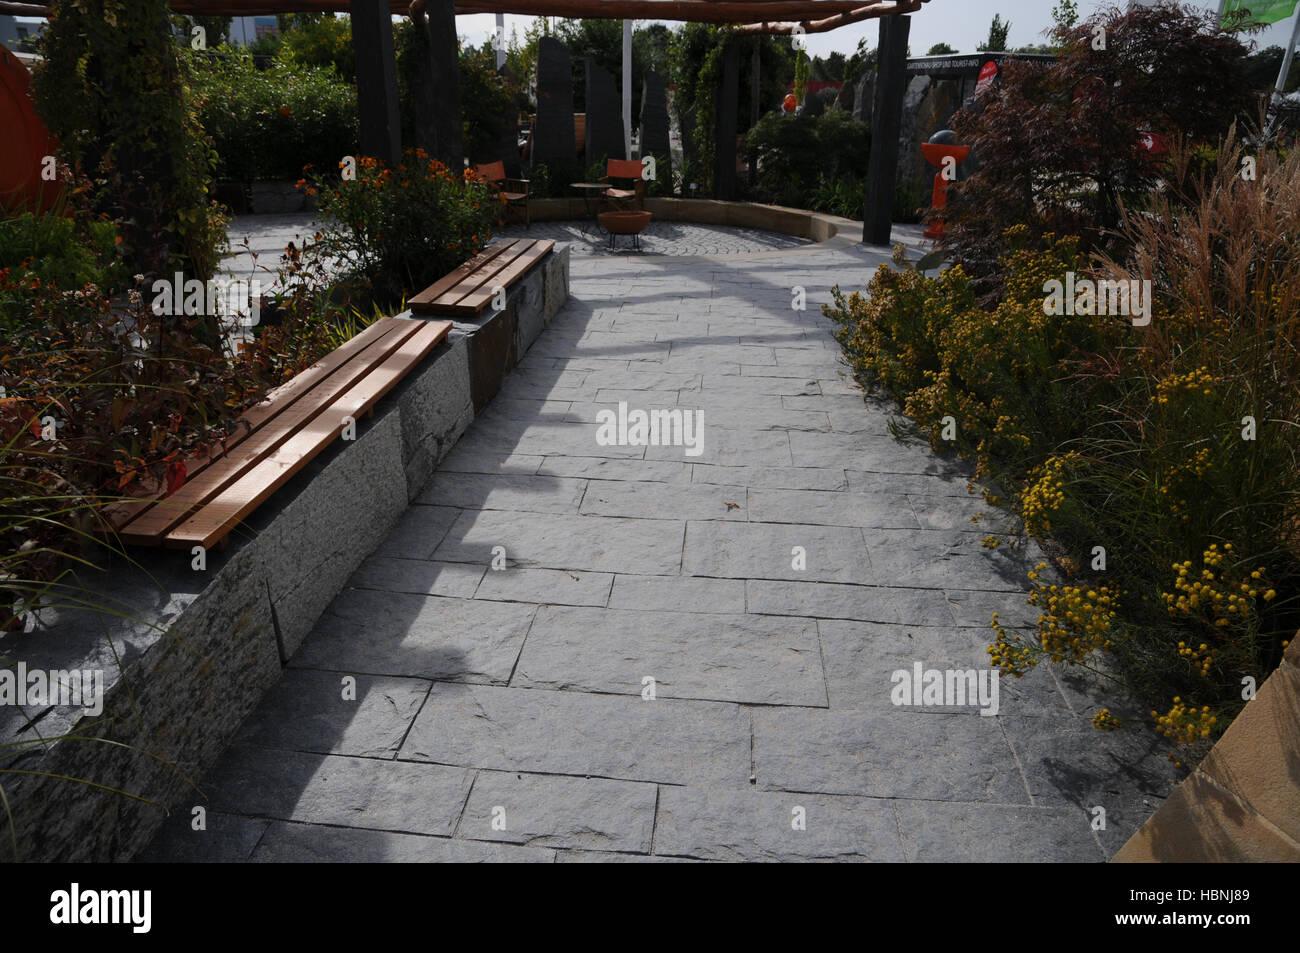 Schieferplatten Garten garten mit schiefer-pflaster stockfoto, bild: 127709129 - alamy